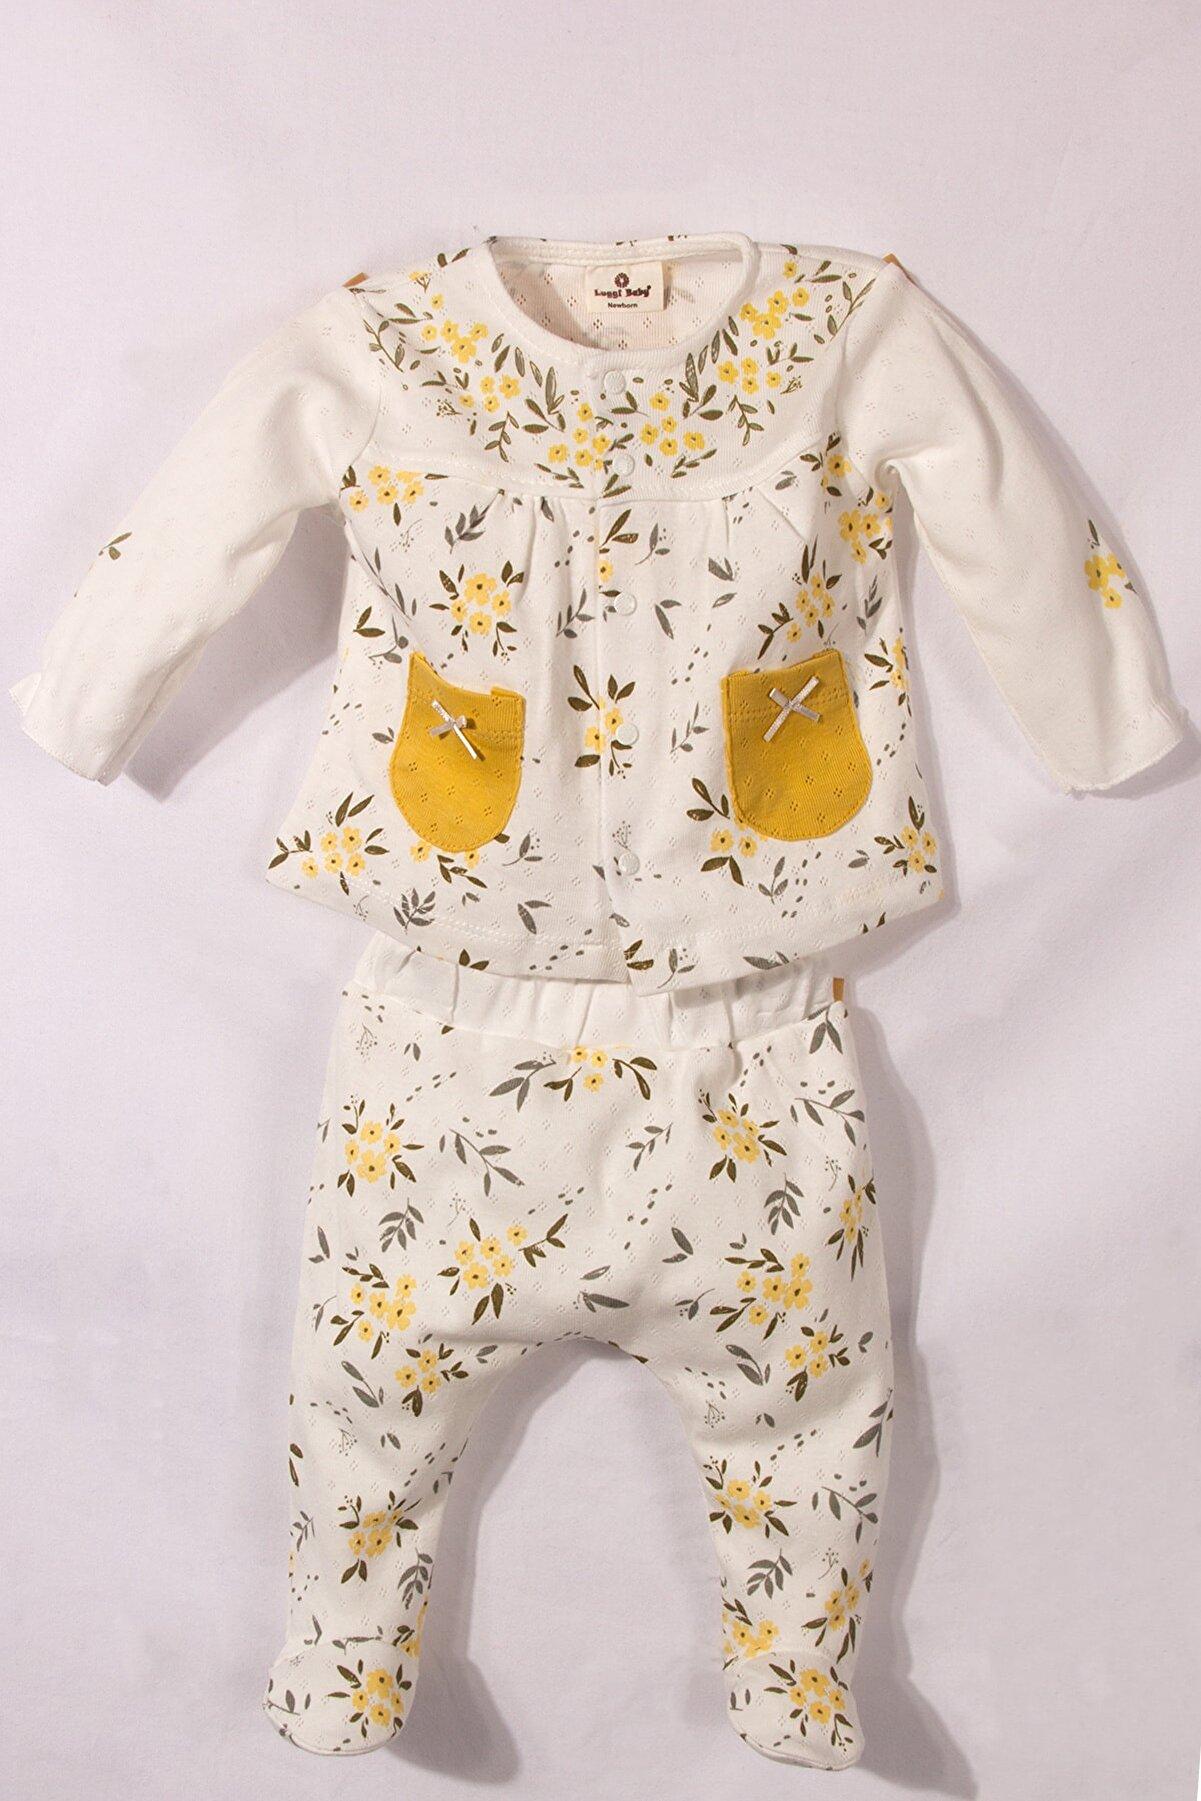 Luggi Baby Kız Bebek Beyaz Sarı Çiçekli Organik Pamuk Jakarlı 2'li Pijama Takımı